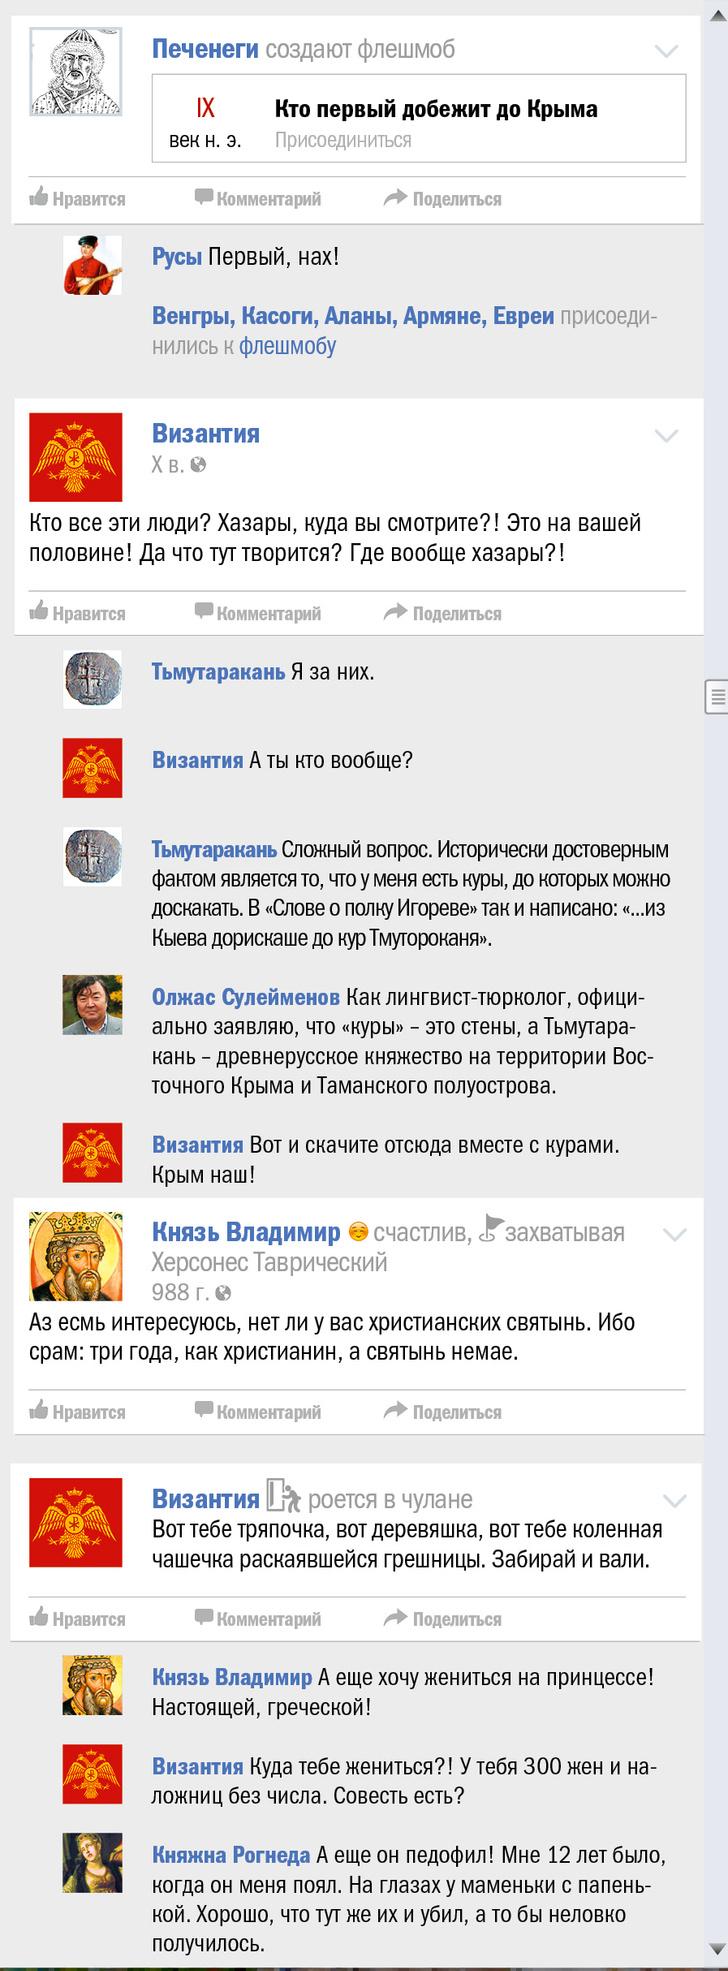 Фото №6 - Крым чей? Правдивая история Крыма в виде ленты «Фейсбука»